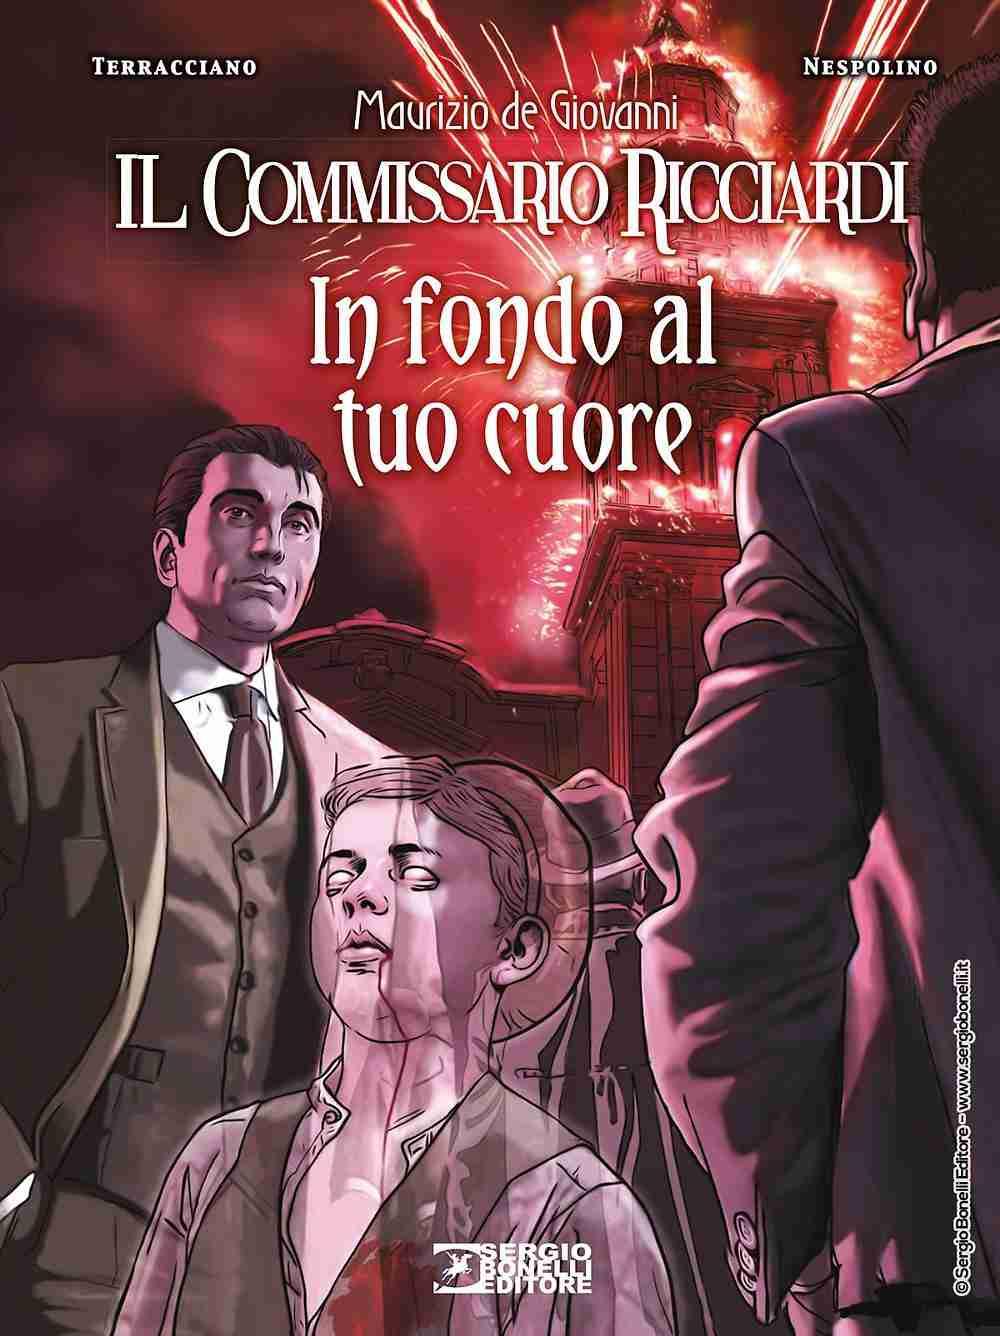 IL COMMISSARIO RICCIARDI In fondo al tuo cuore di Maurizio de Giovanni, SERGIO BONELLI EDITORE